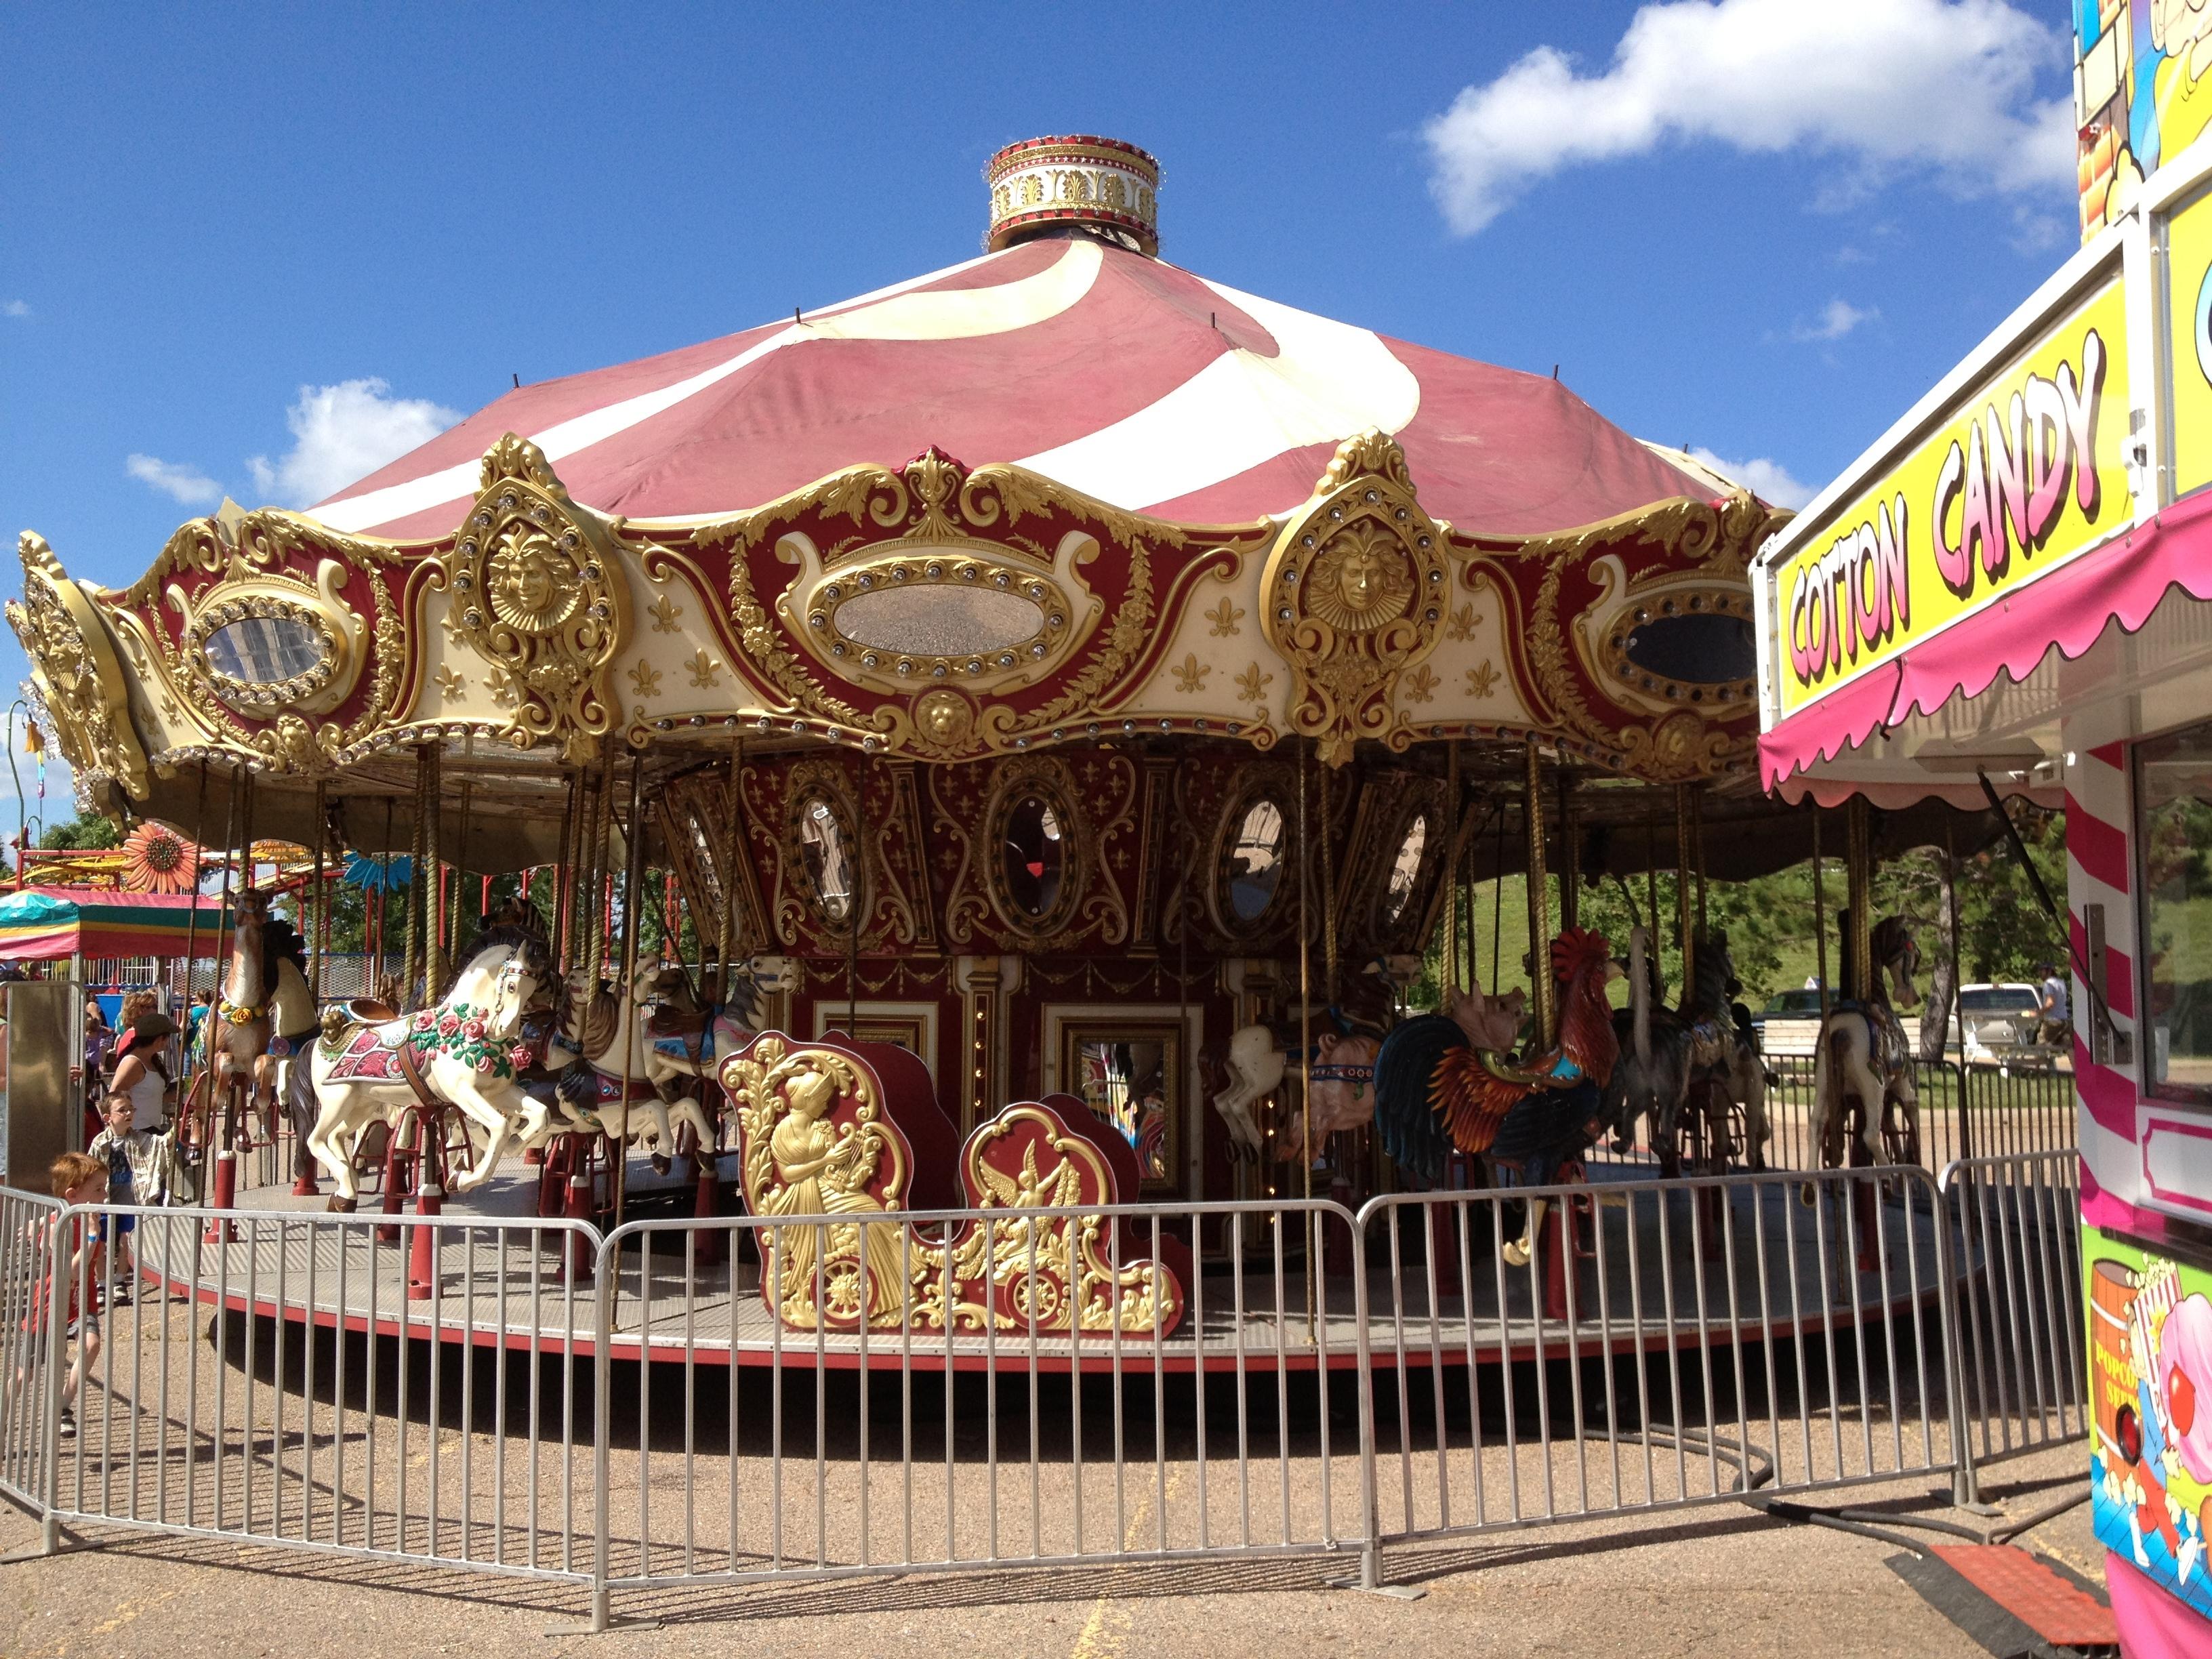 saint louis county fair